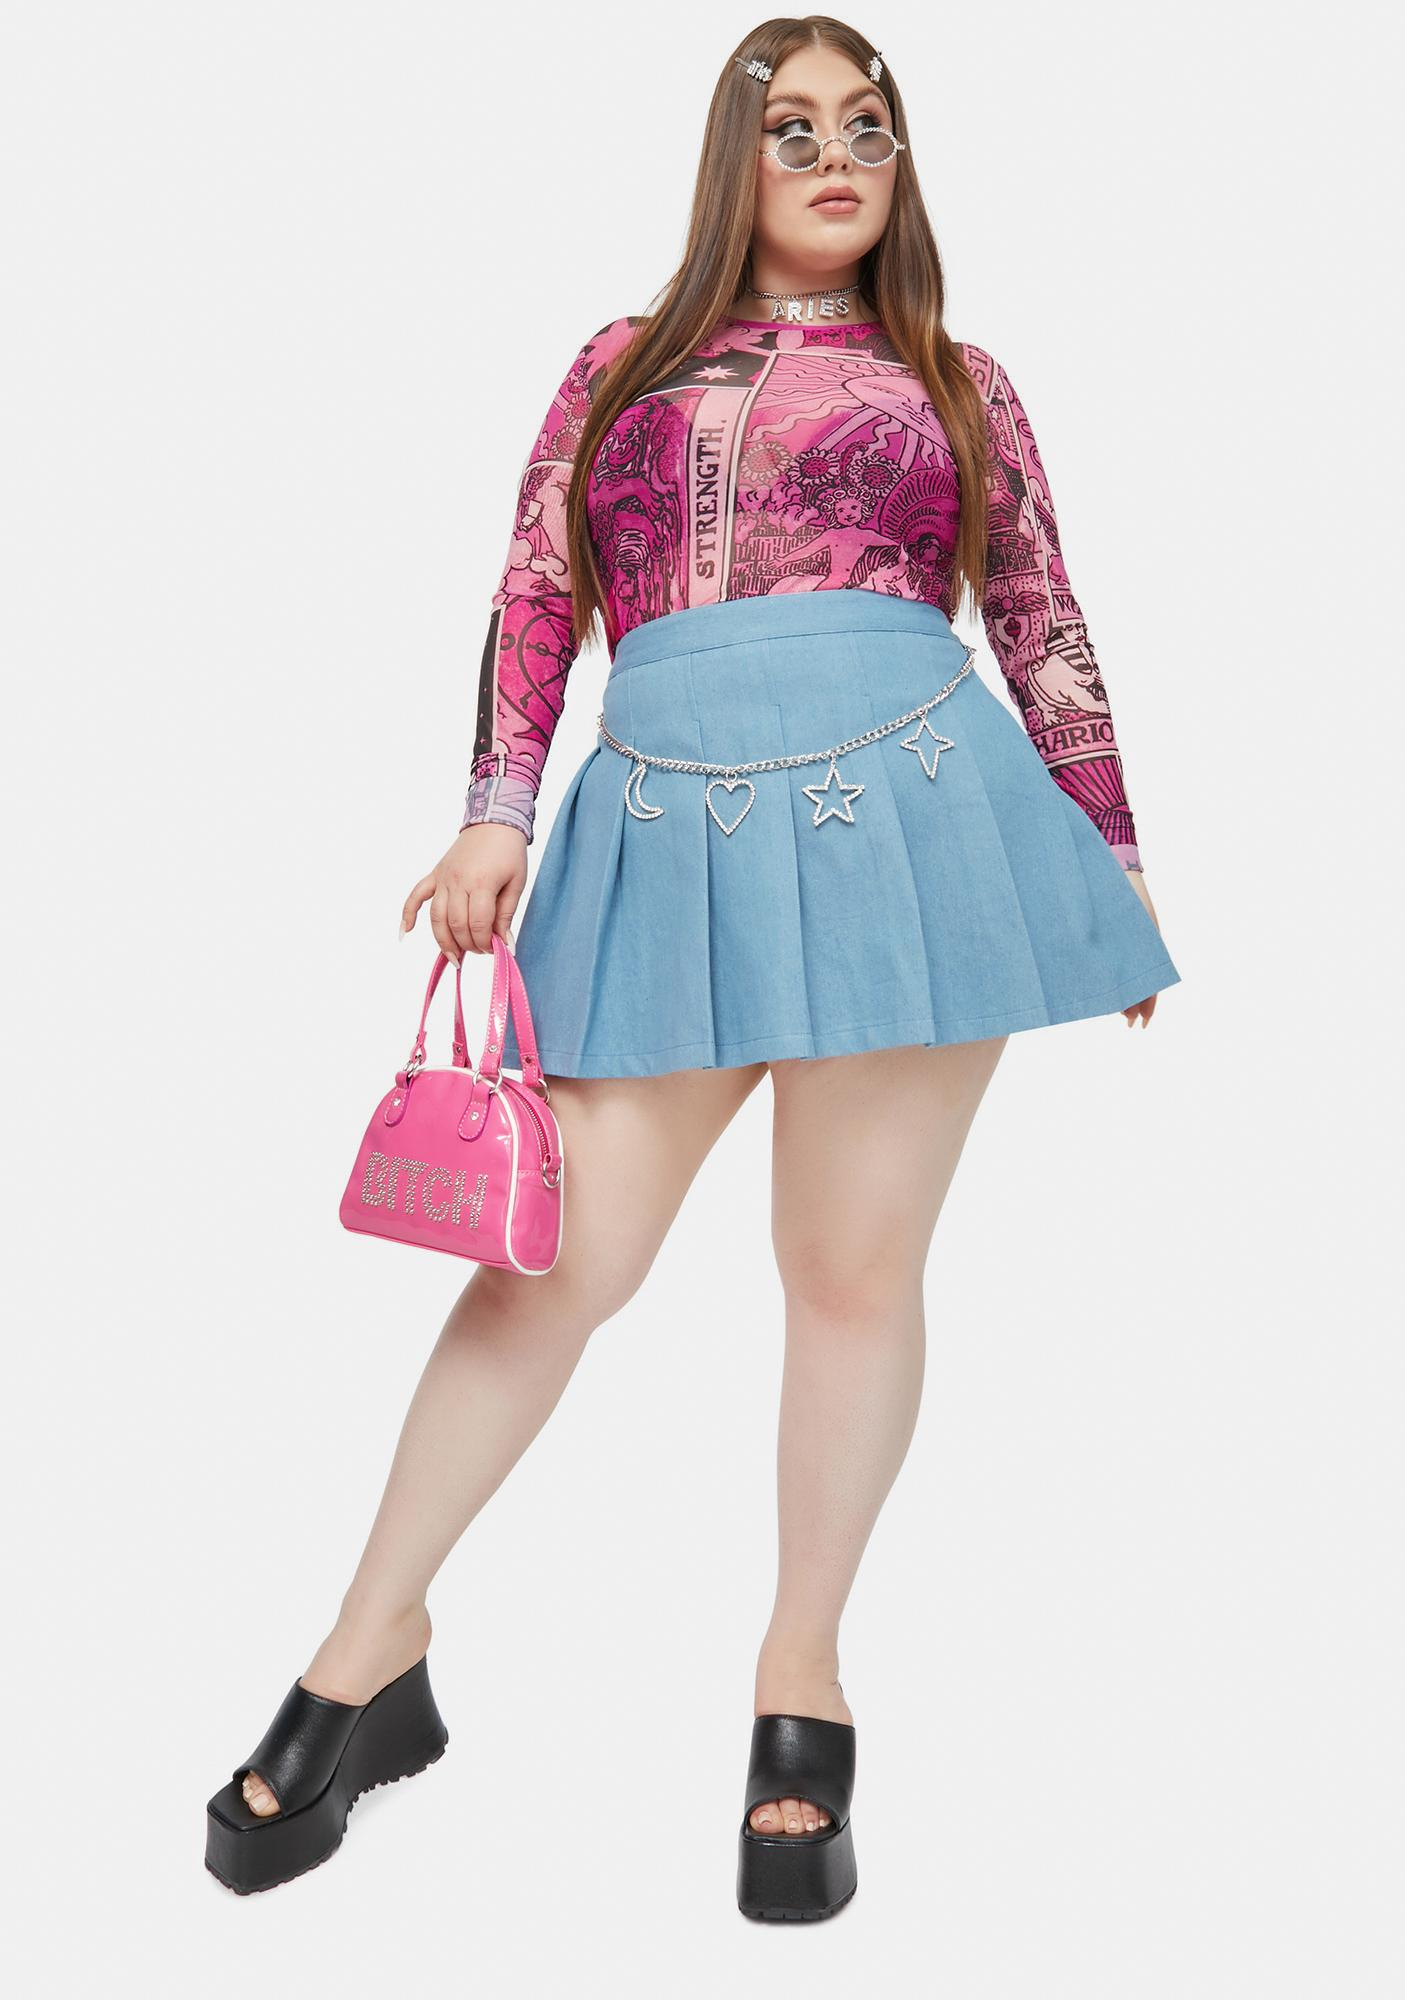 HOROSCOPEZ Endless Positive Energy Denim Pleated Skirt